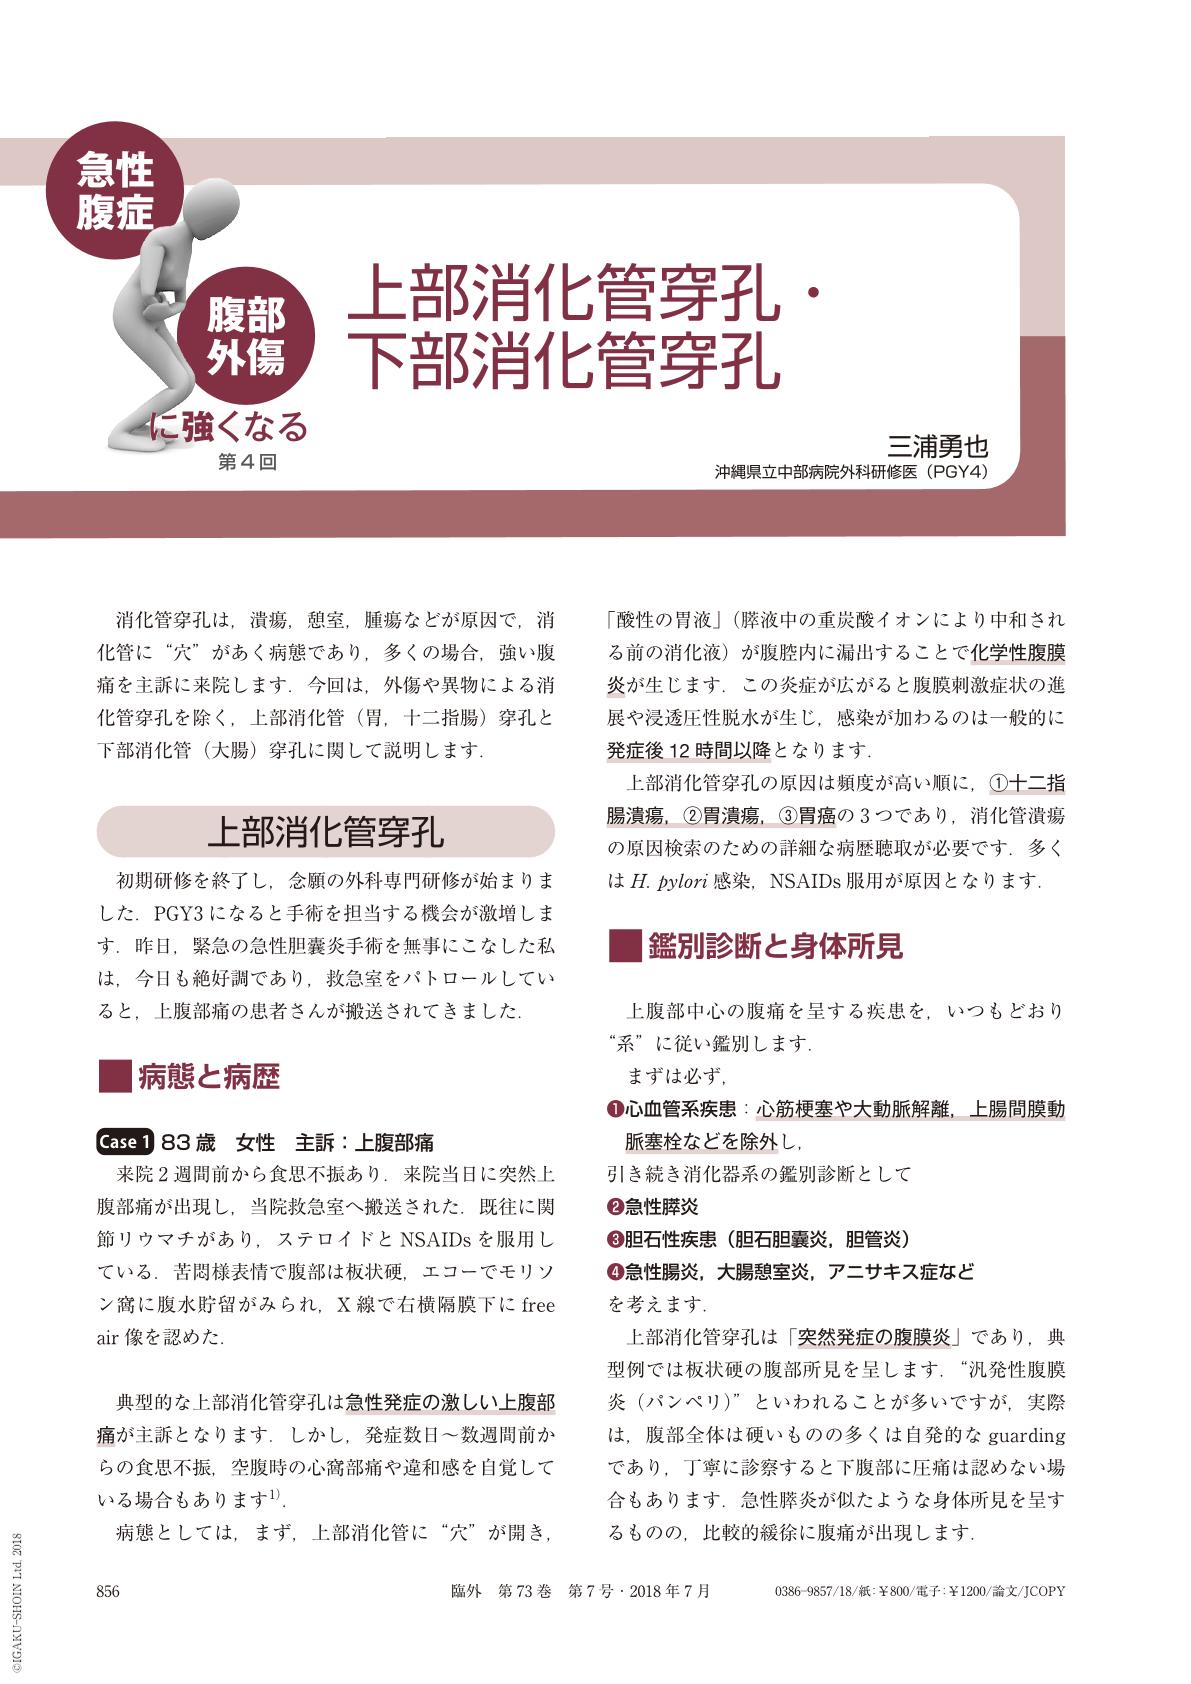 消化 管 と は 上部 消化器外科(上部消化管)